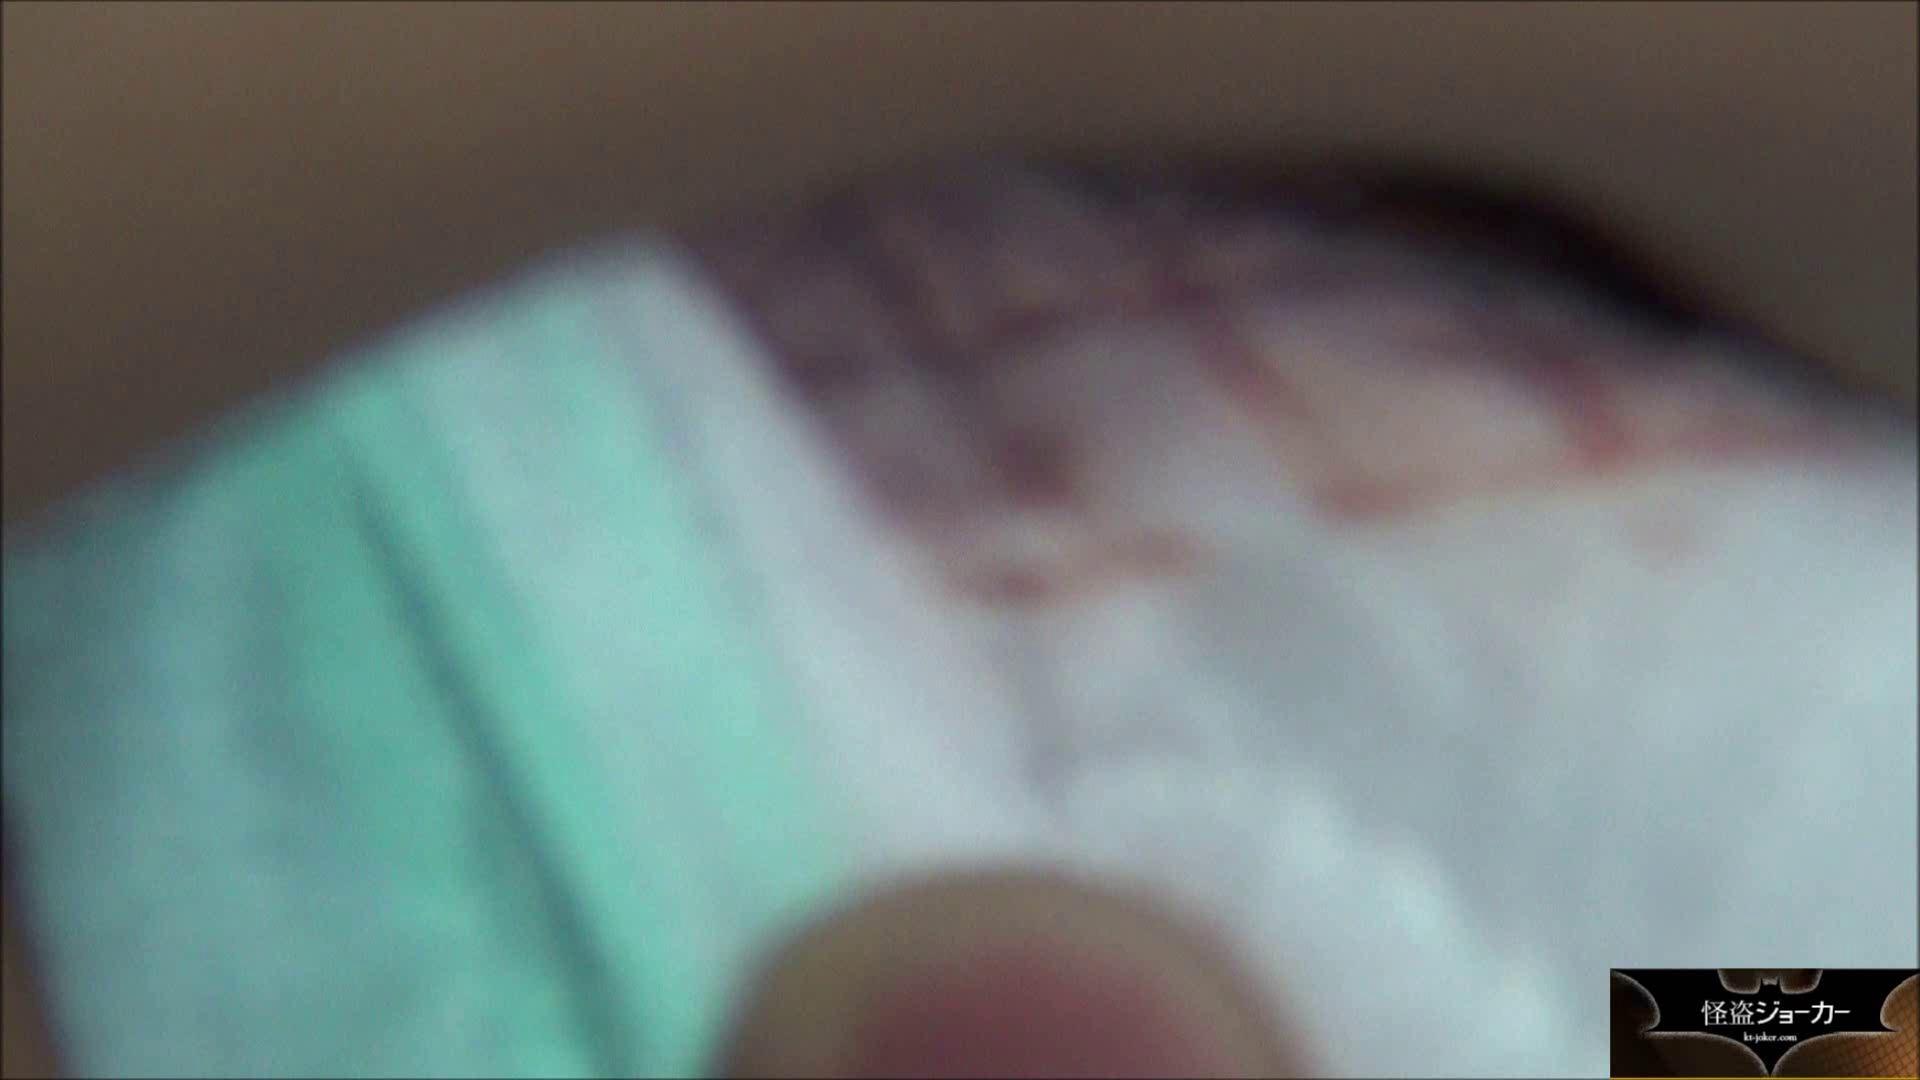 【未公開】vol.40 【レイカの後輩】伊吹ちゃん*撮影と言って呼び出して・・・ チラ見 セックス無修正動画無料 81枚 39